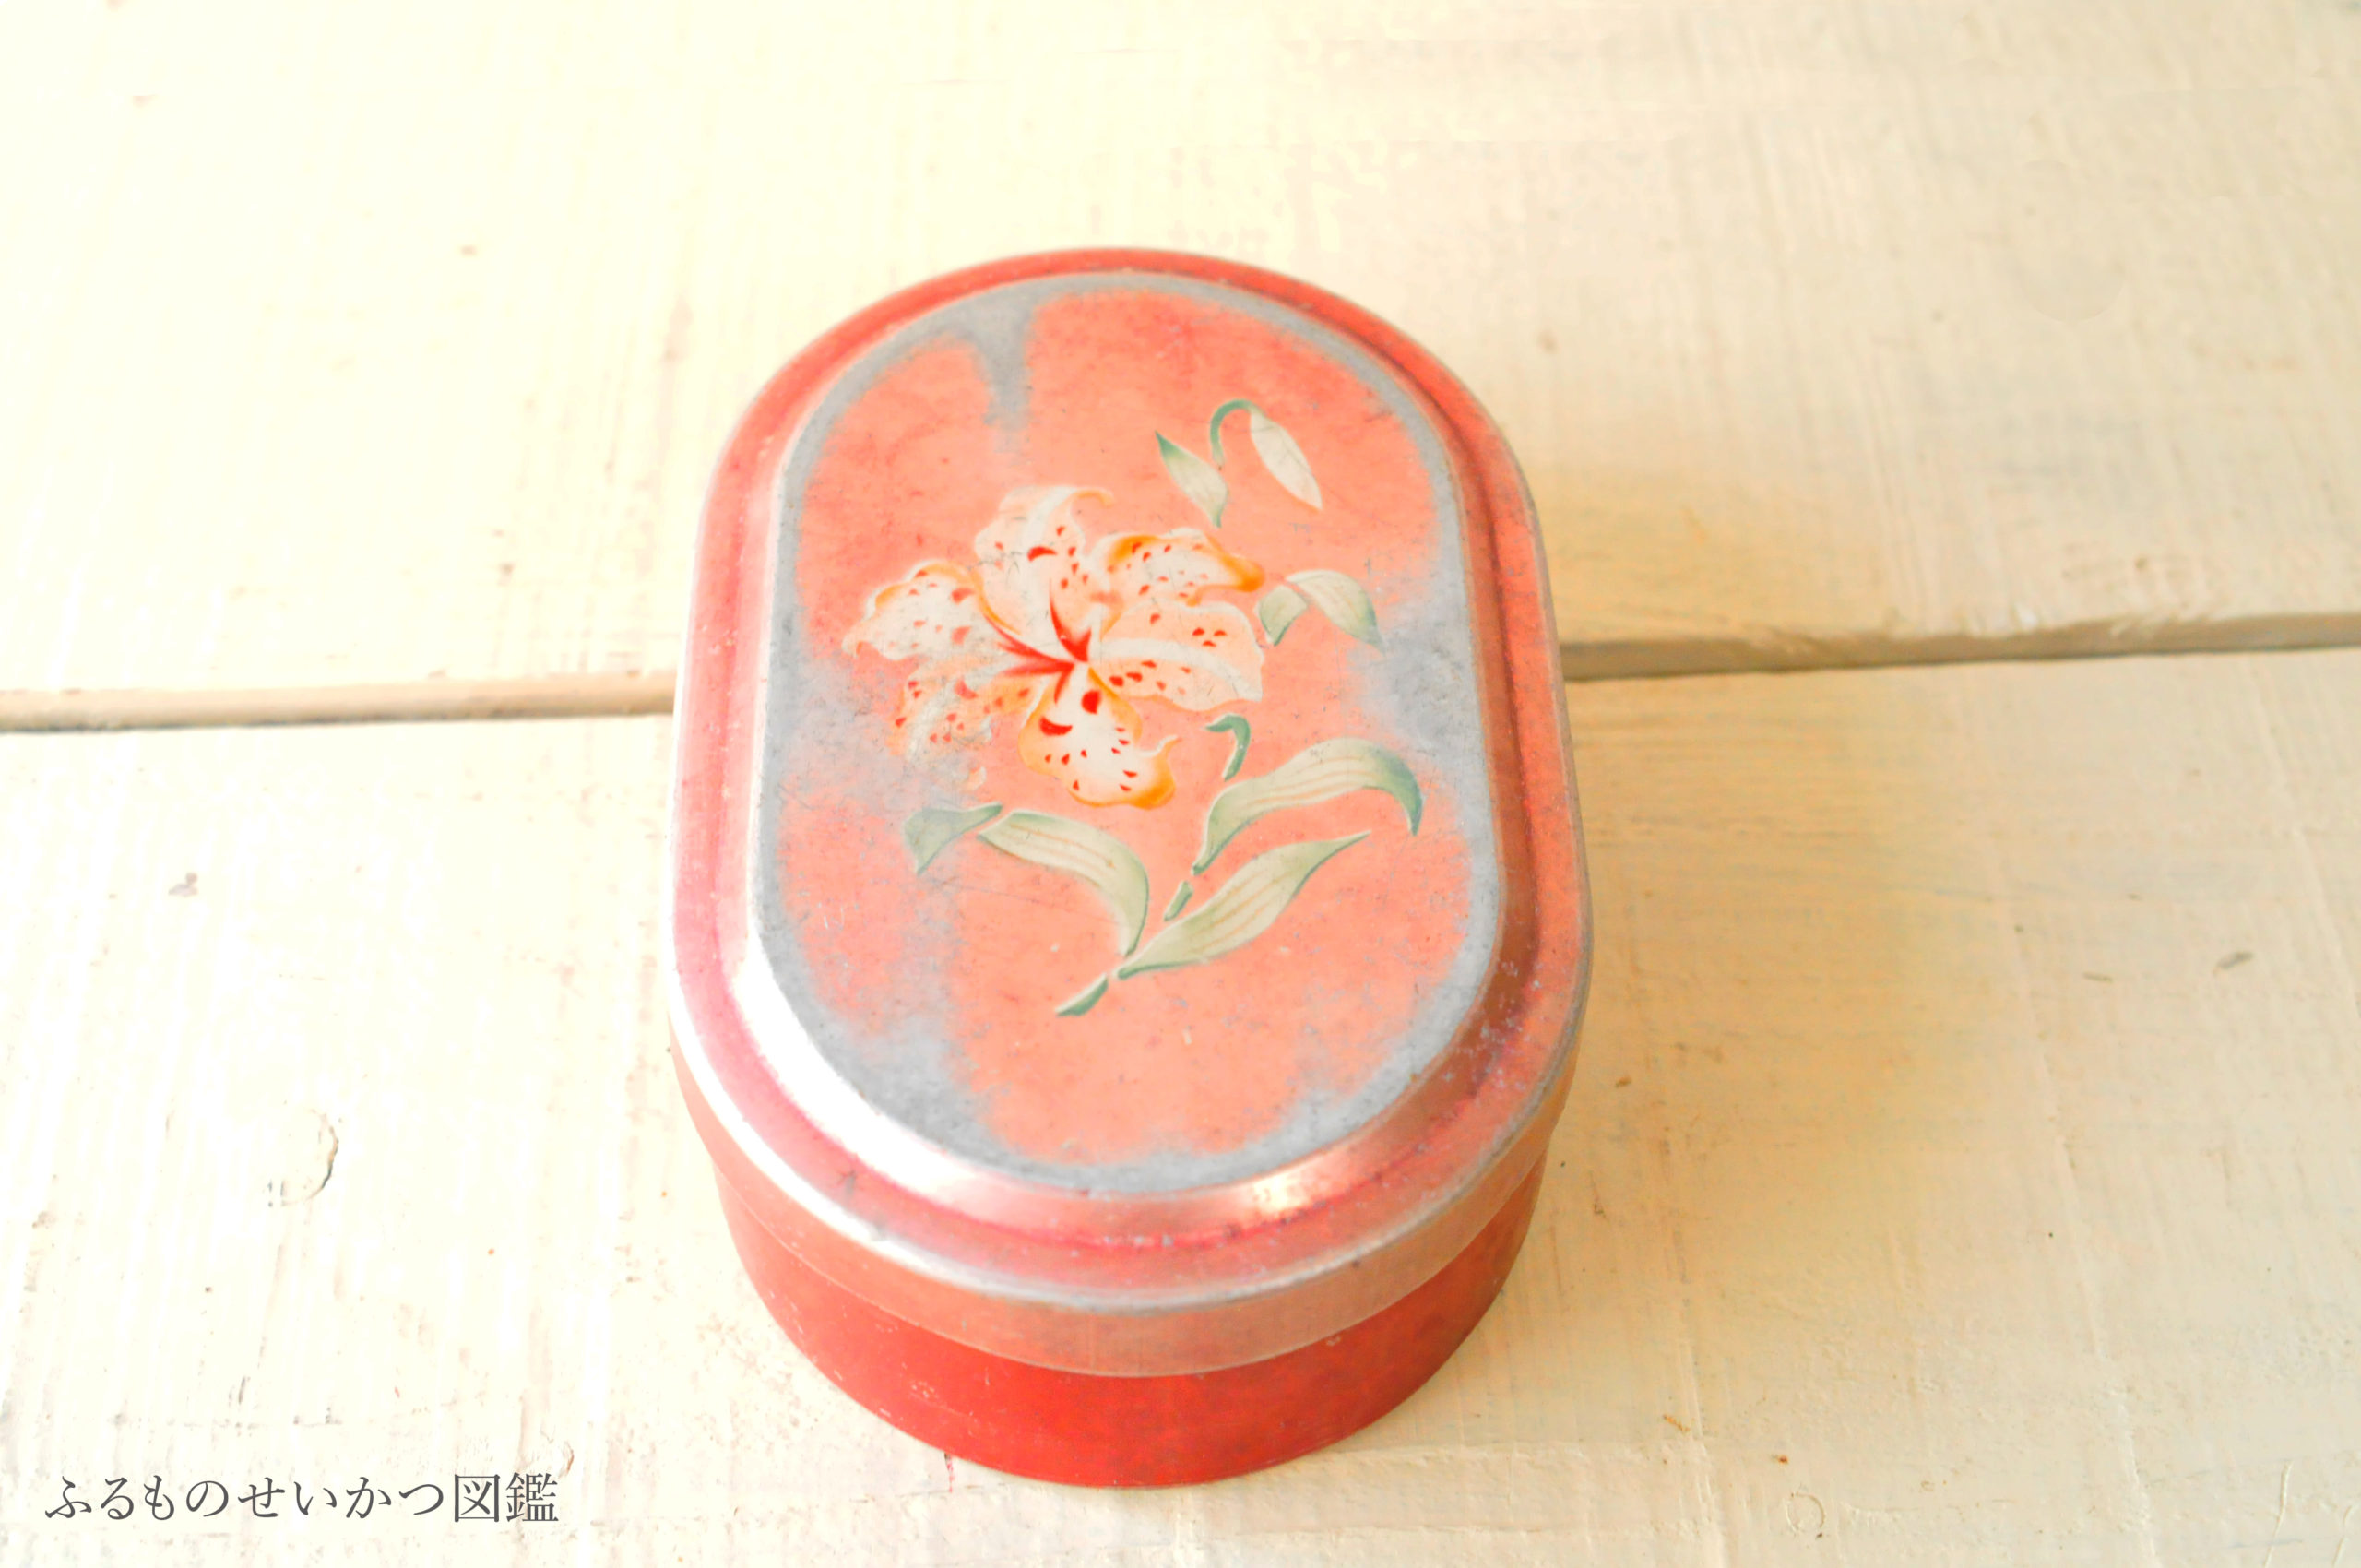 ボロさが可愛い古道具のお弁当箱カン